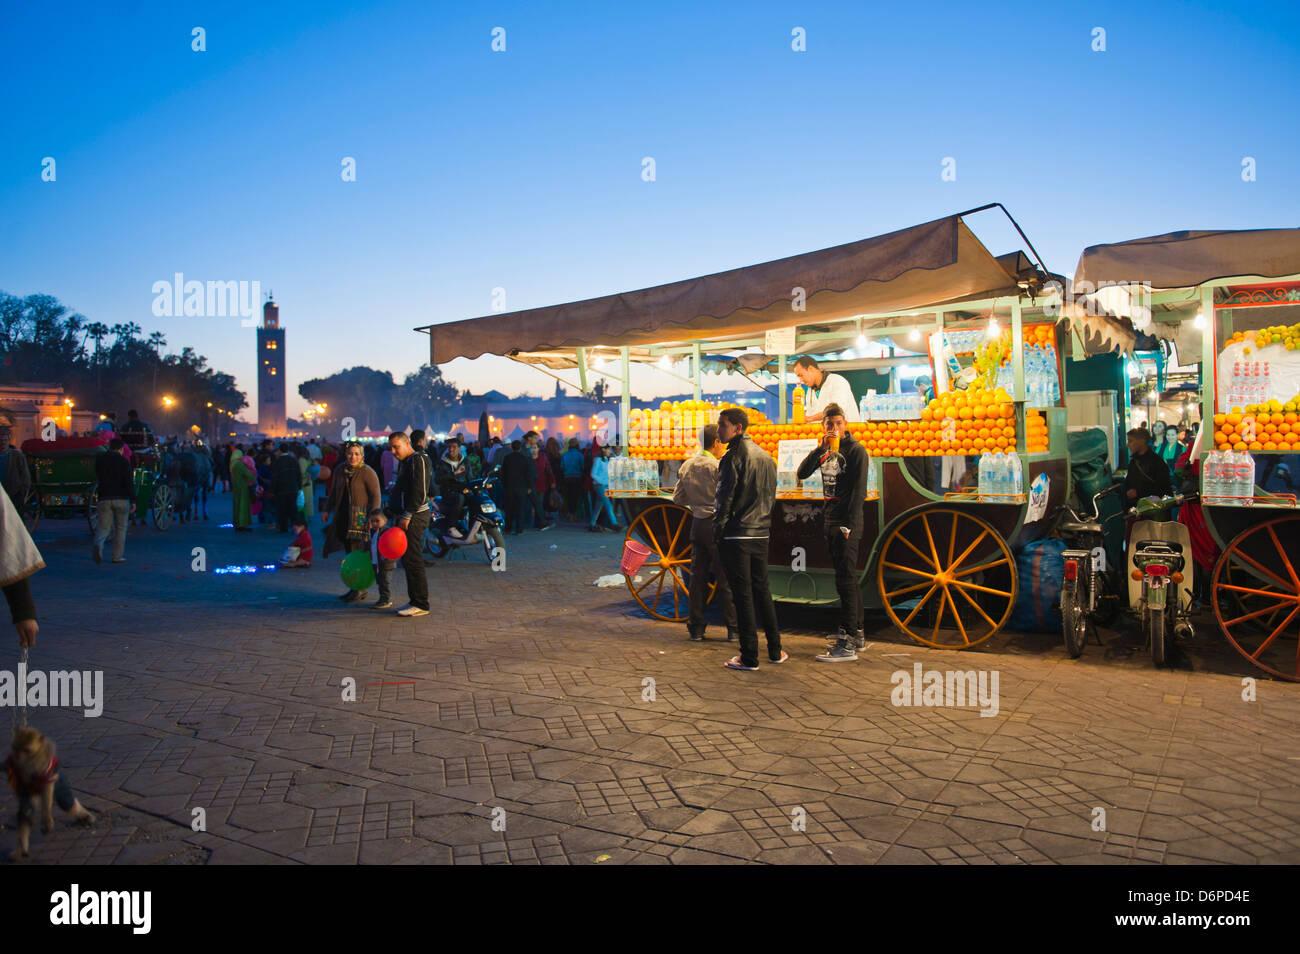 Il succo d'arancia fresco in stallo durante la notte, Piazza Djemaa El Fna a Marrakech, Marocco, Africa Settentrionale, Immagini Stock